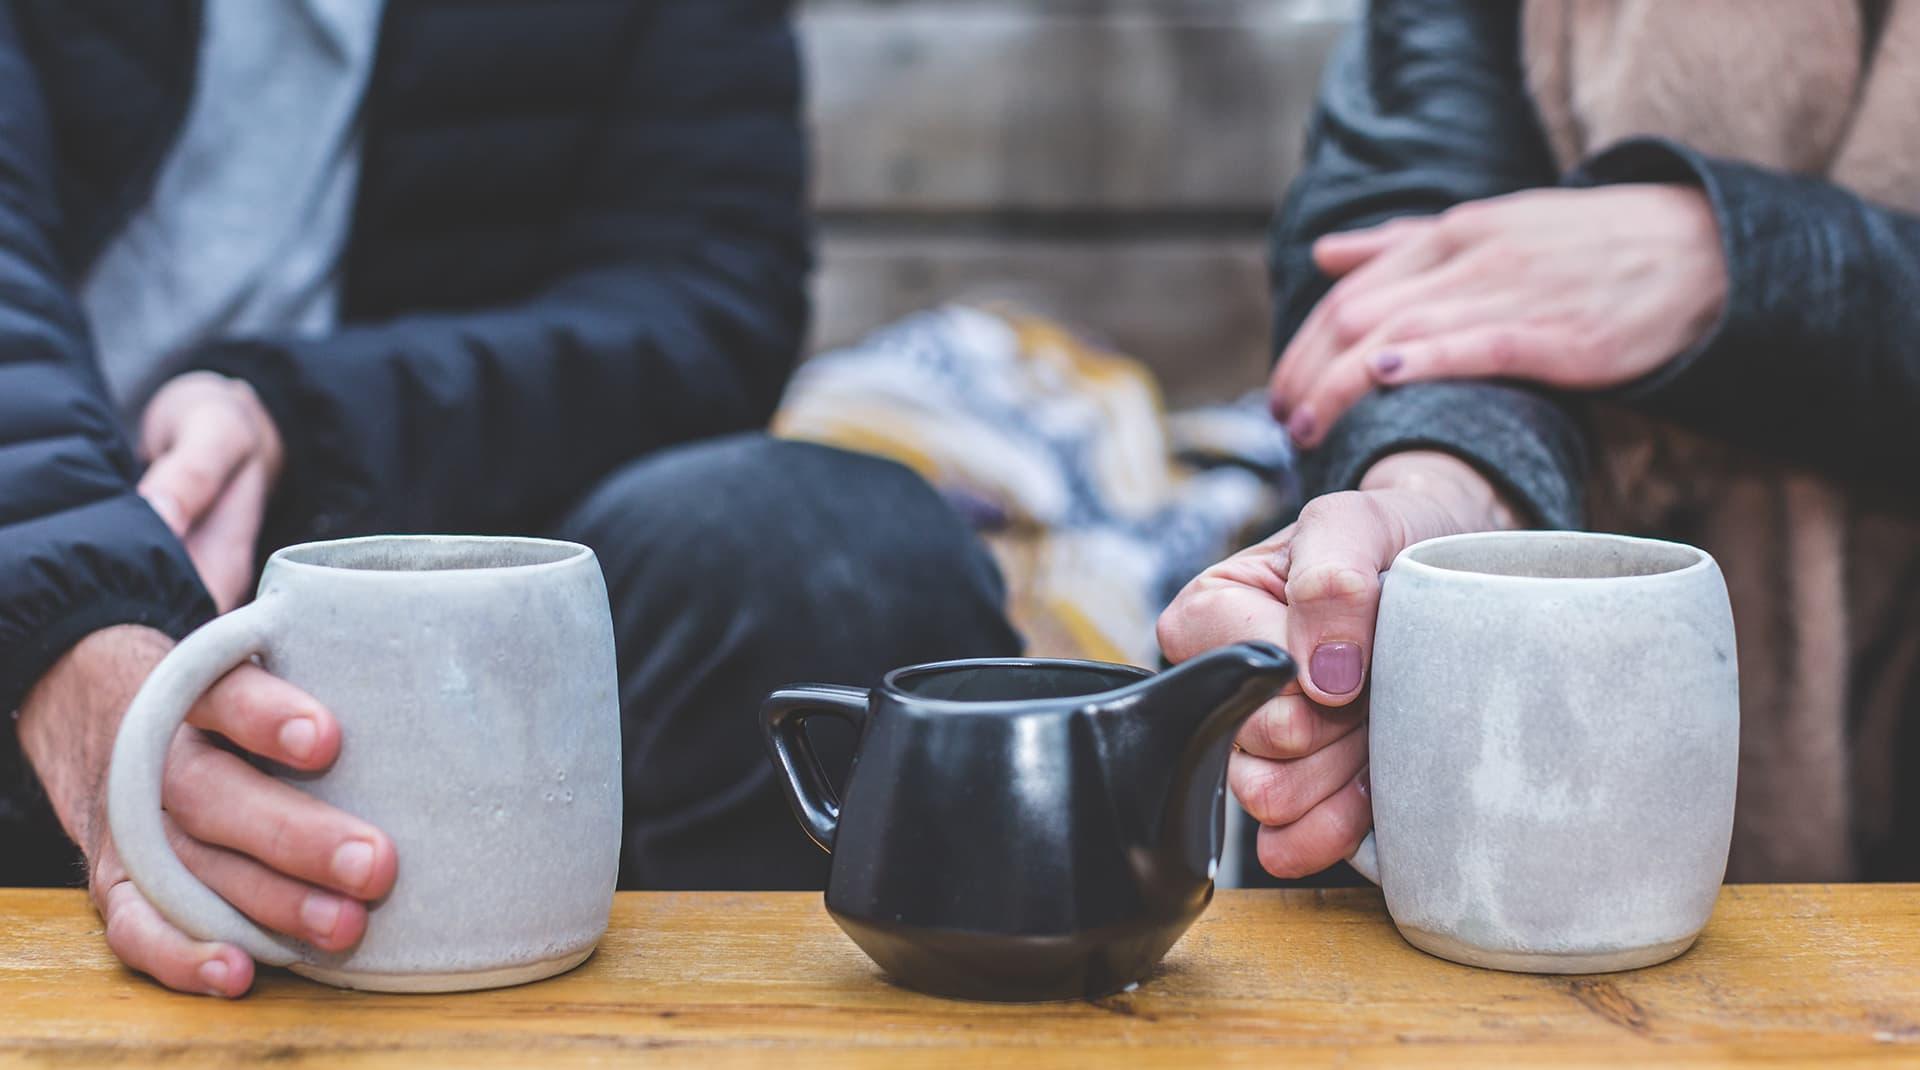 Советы мужчинам: как вести себя на первом свидании, чтобы оно не стало последним